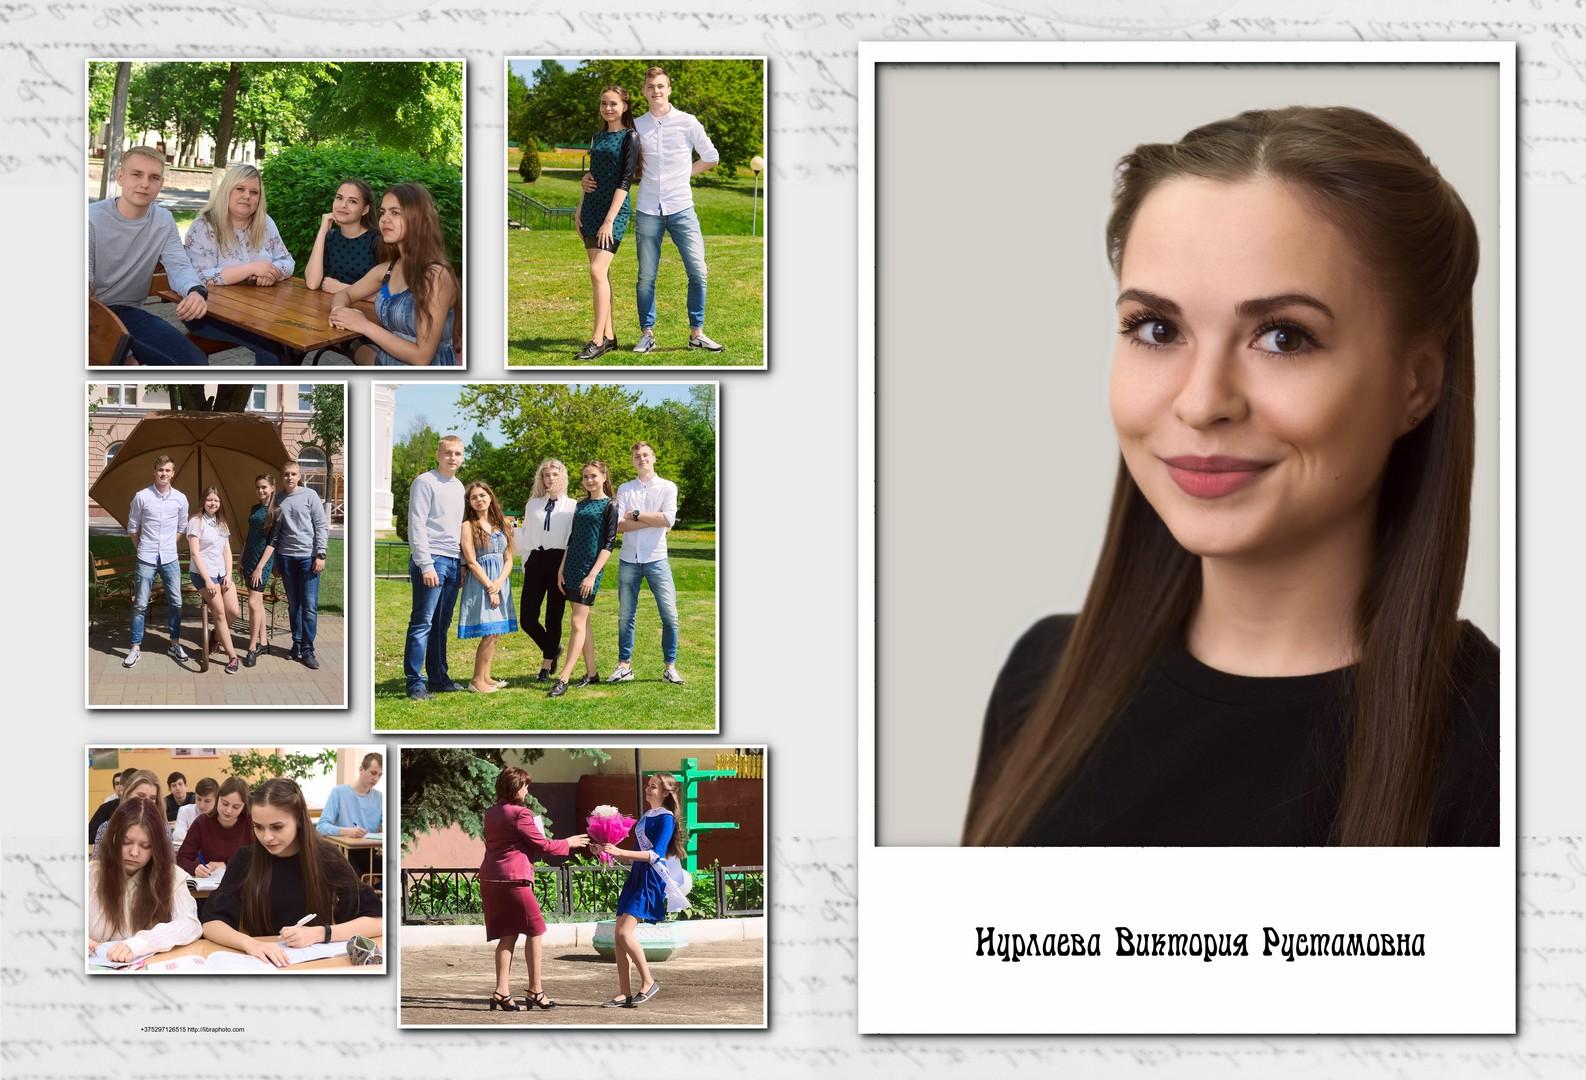 http://libraphoto.com - выпускной фотоальбом 11 класс, фотограф Евгений Кормщиков в Полоцке и Новополоцке